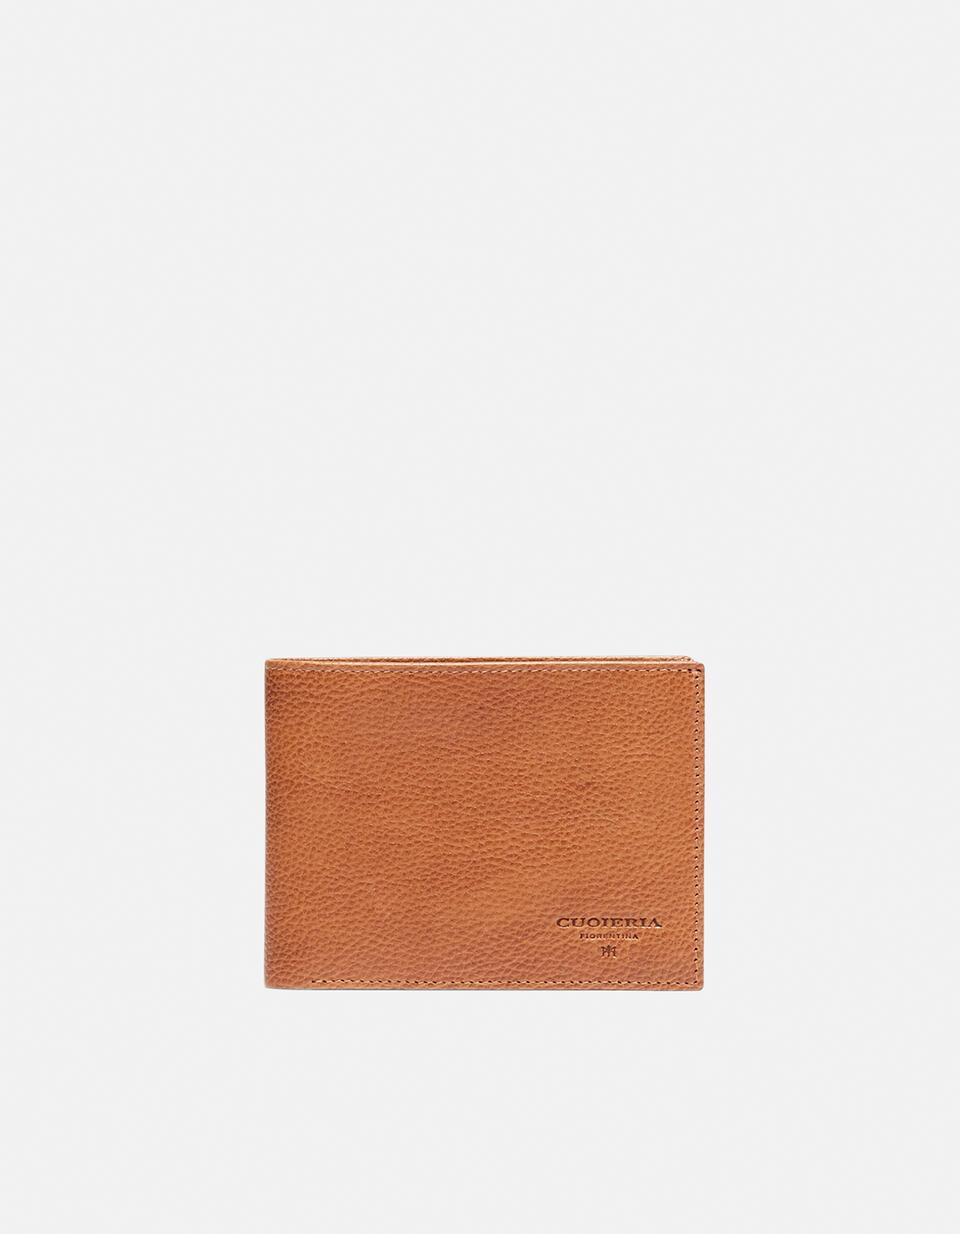 Anti-rfid Calf wallet  Cuoieria Fiorentina